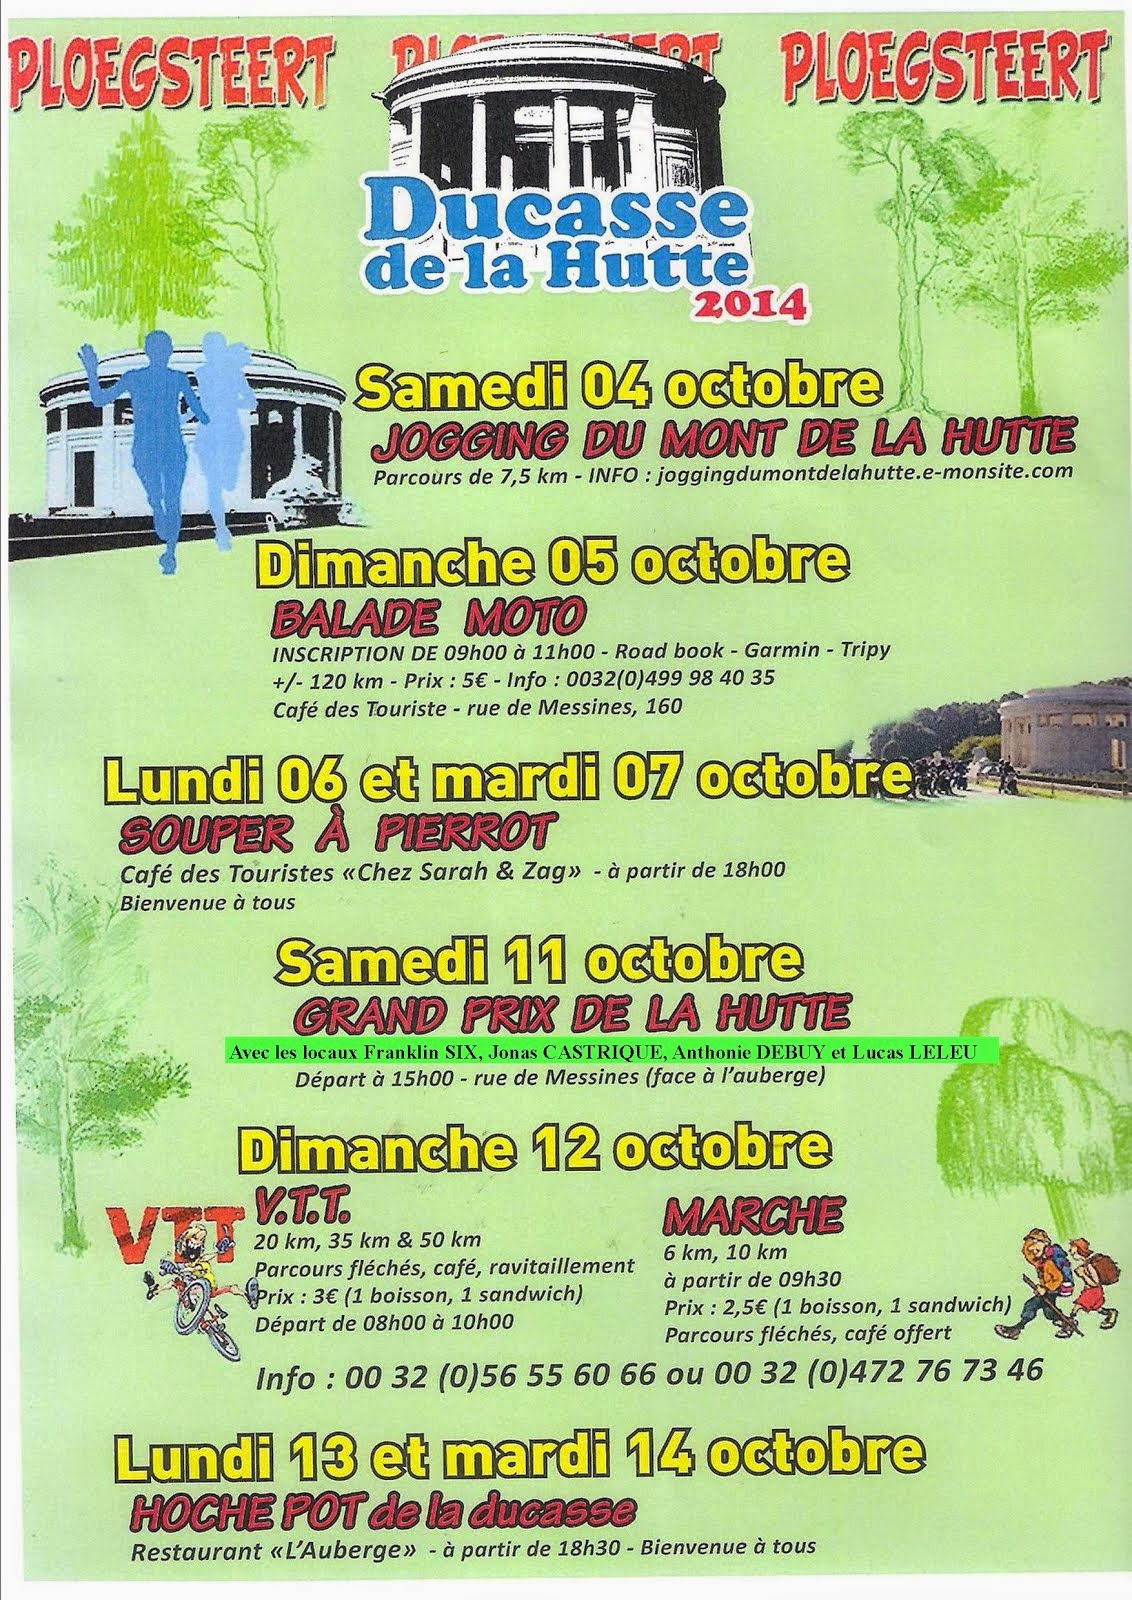 DU 4 AU 14 OCTOBRE DUCASSE DE LA HUTTE